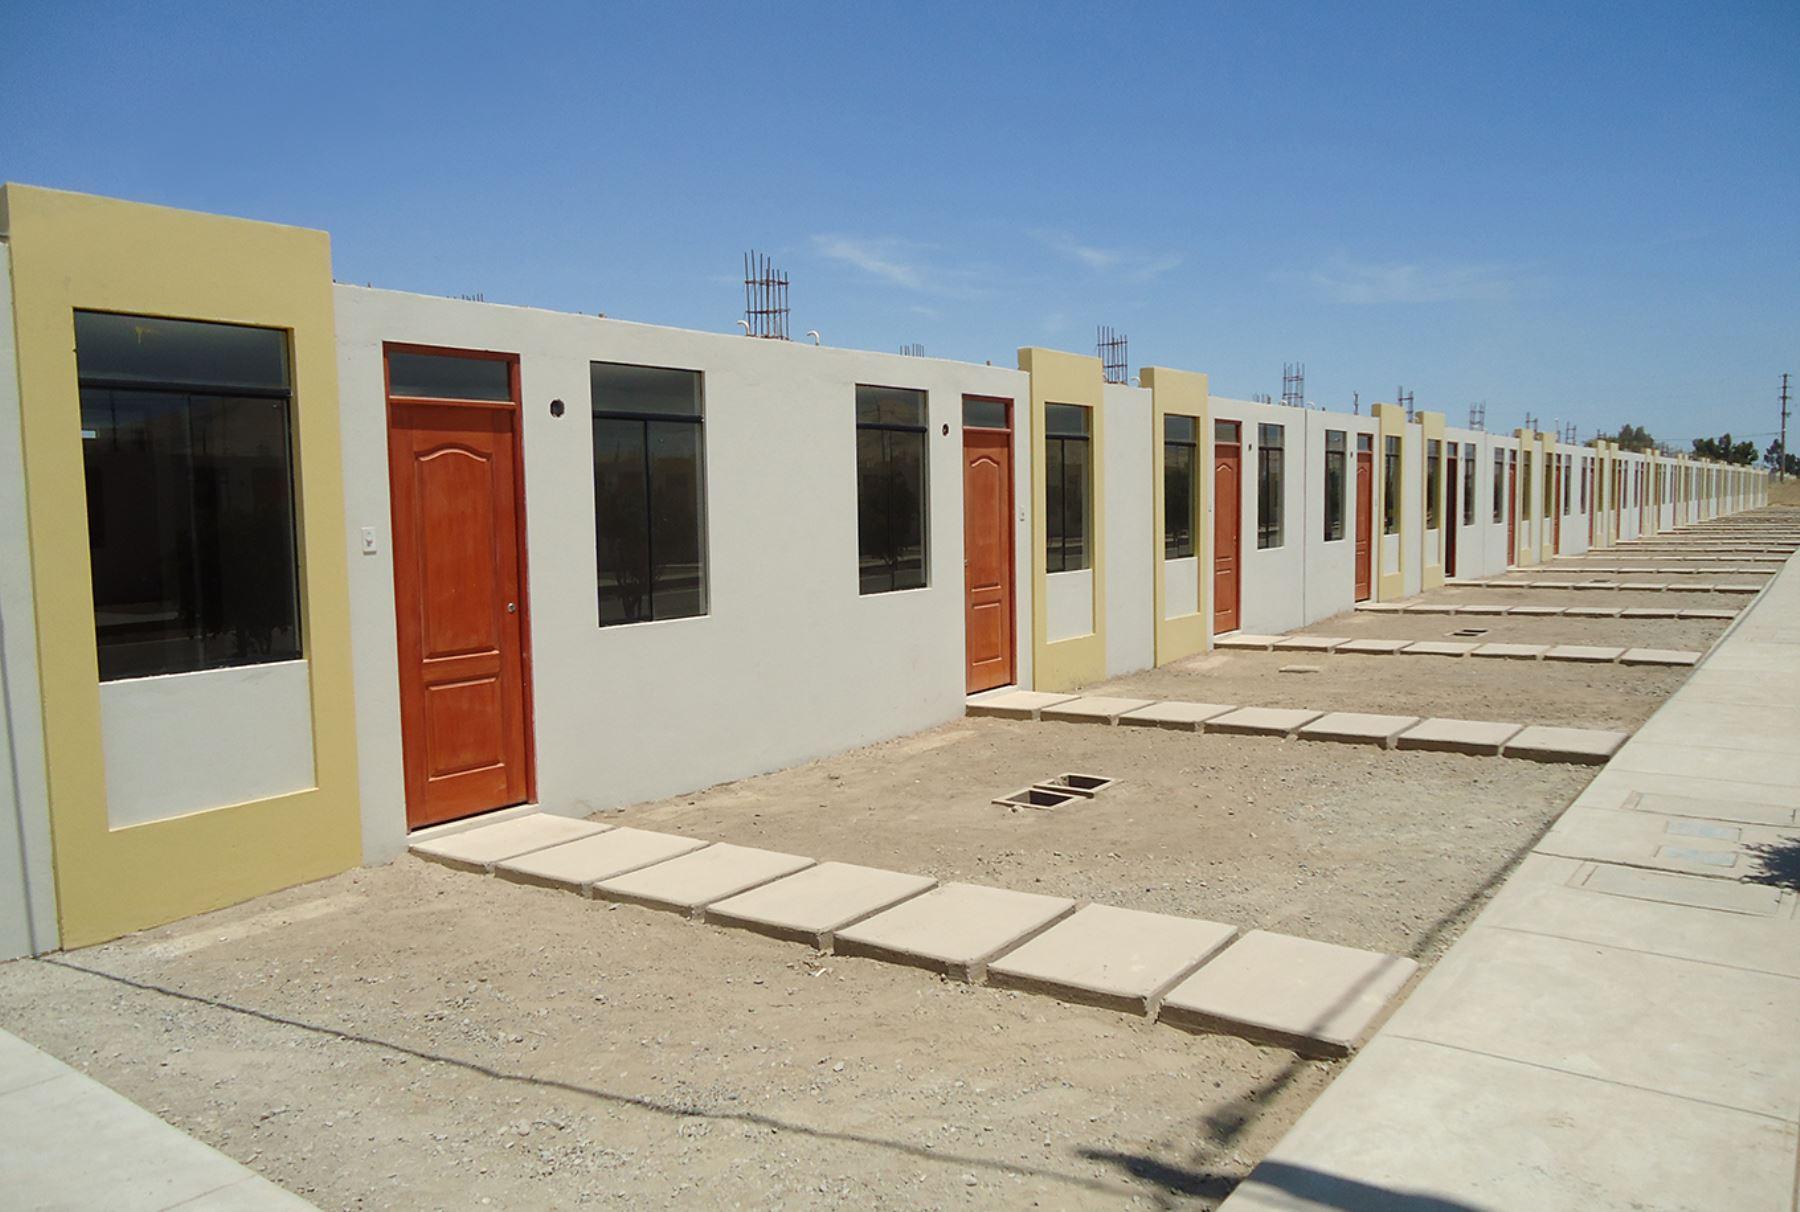 Ica m s de 7 000 viviendas se han construido en lo que va for Techos para viviendas economicos